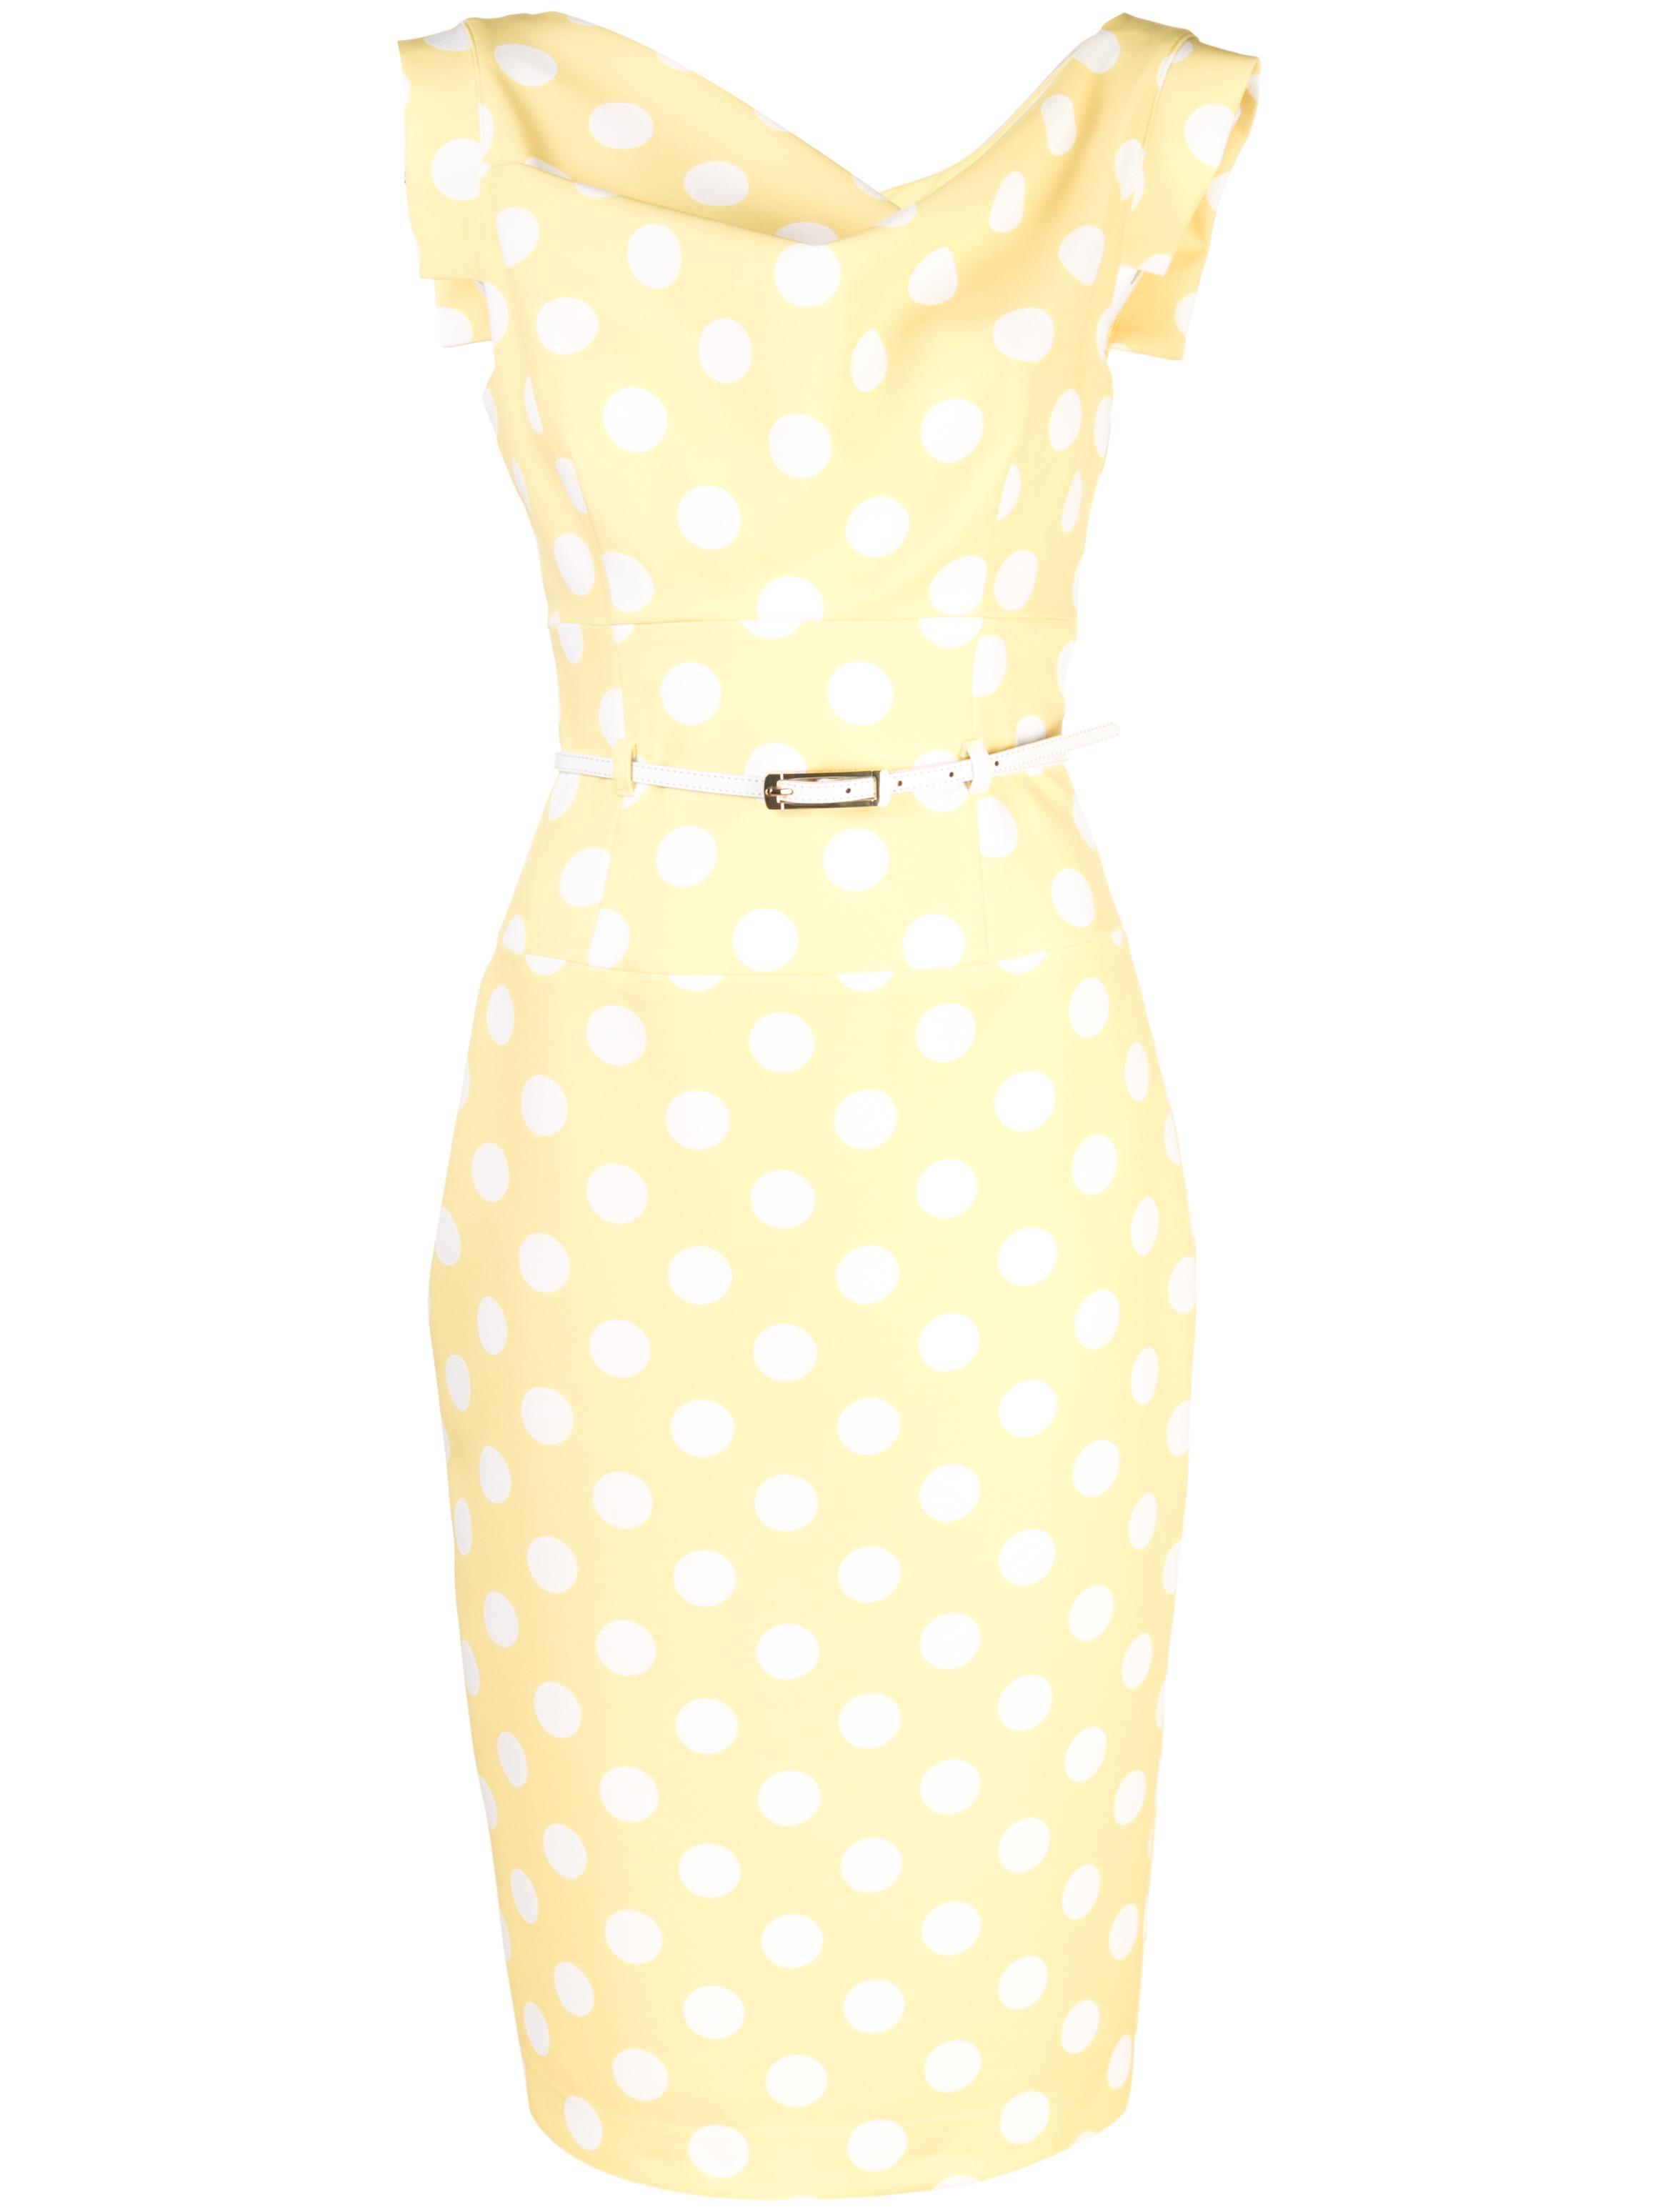 Jackie O Dress Polka Dot